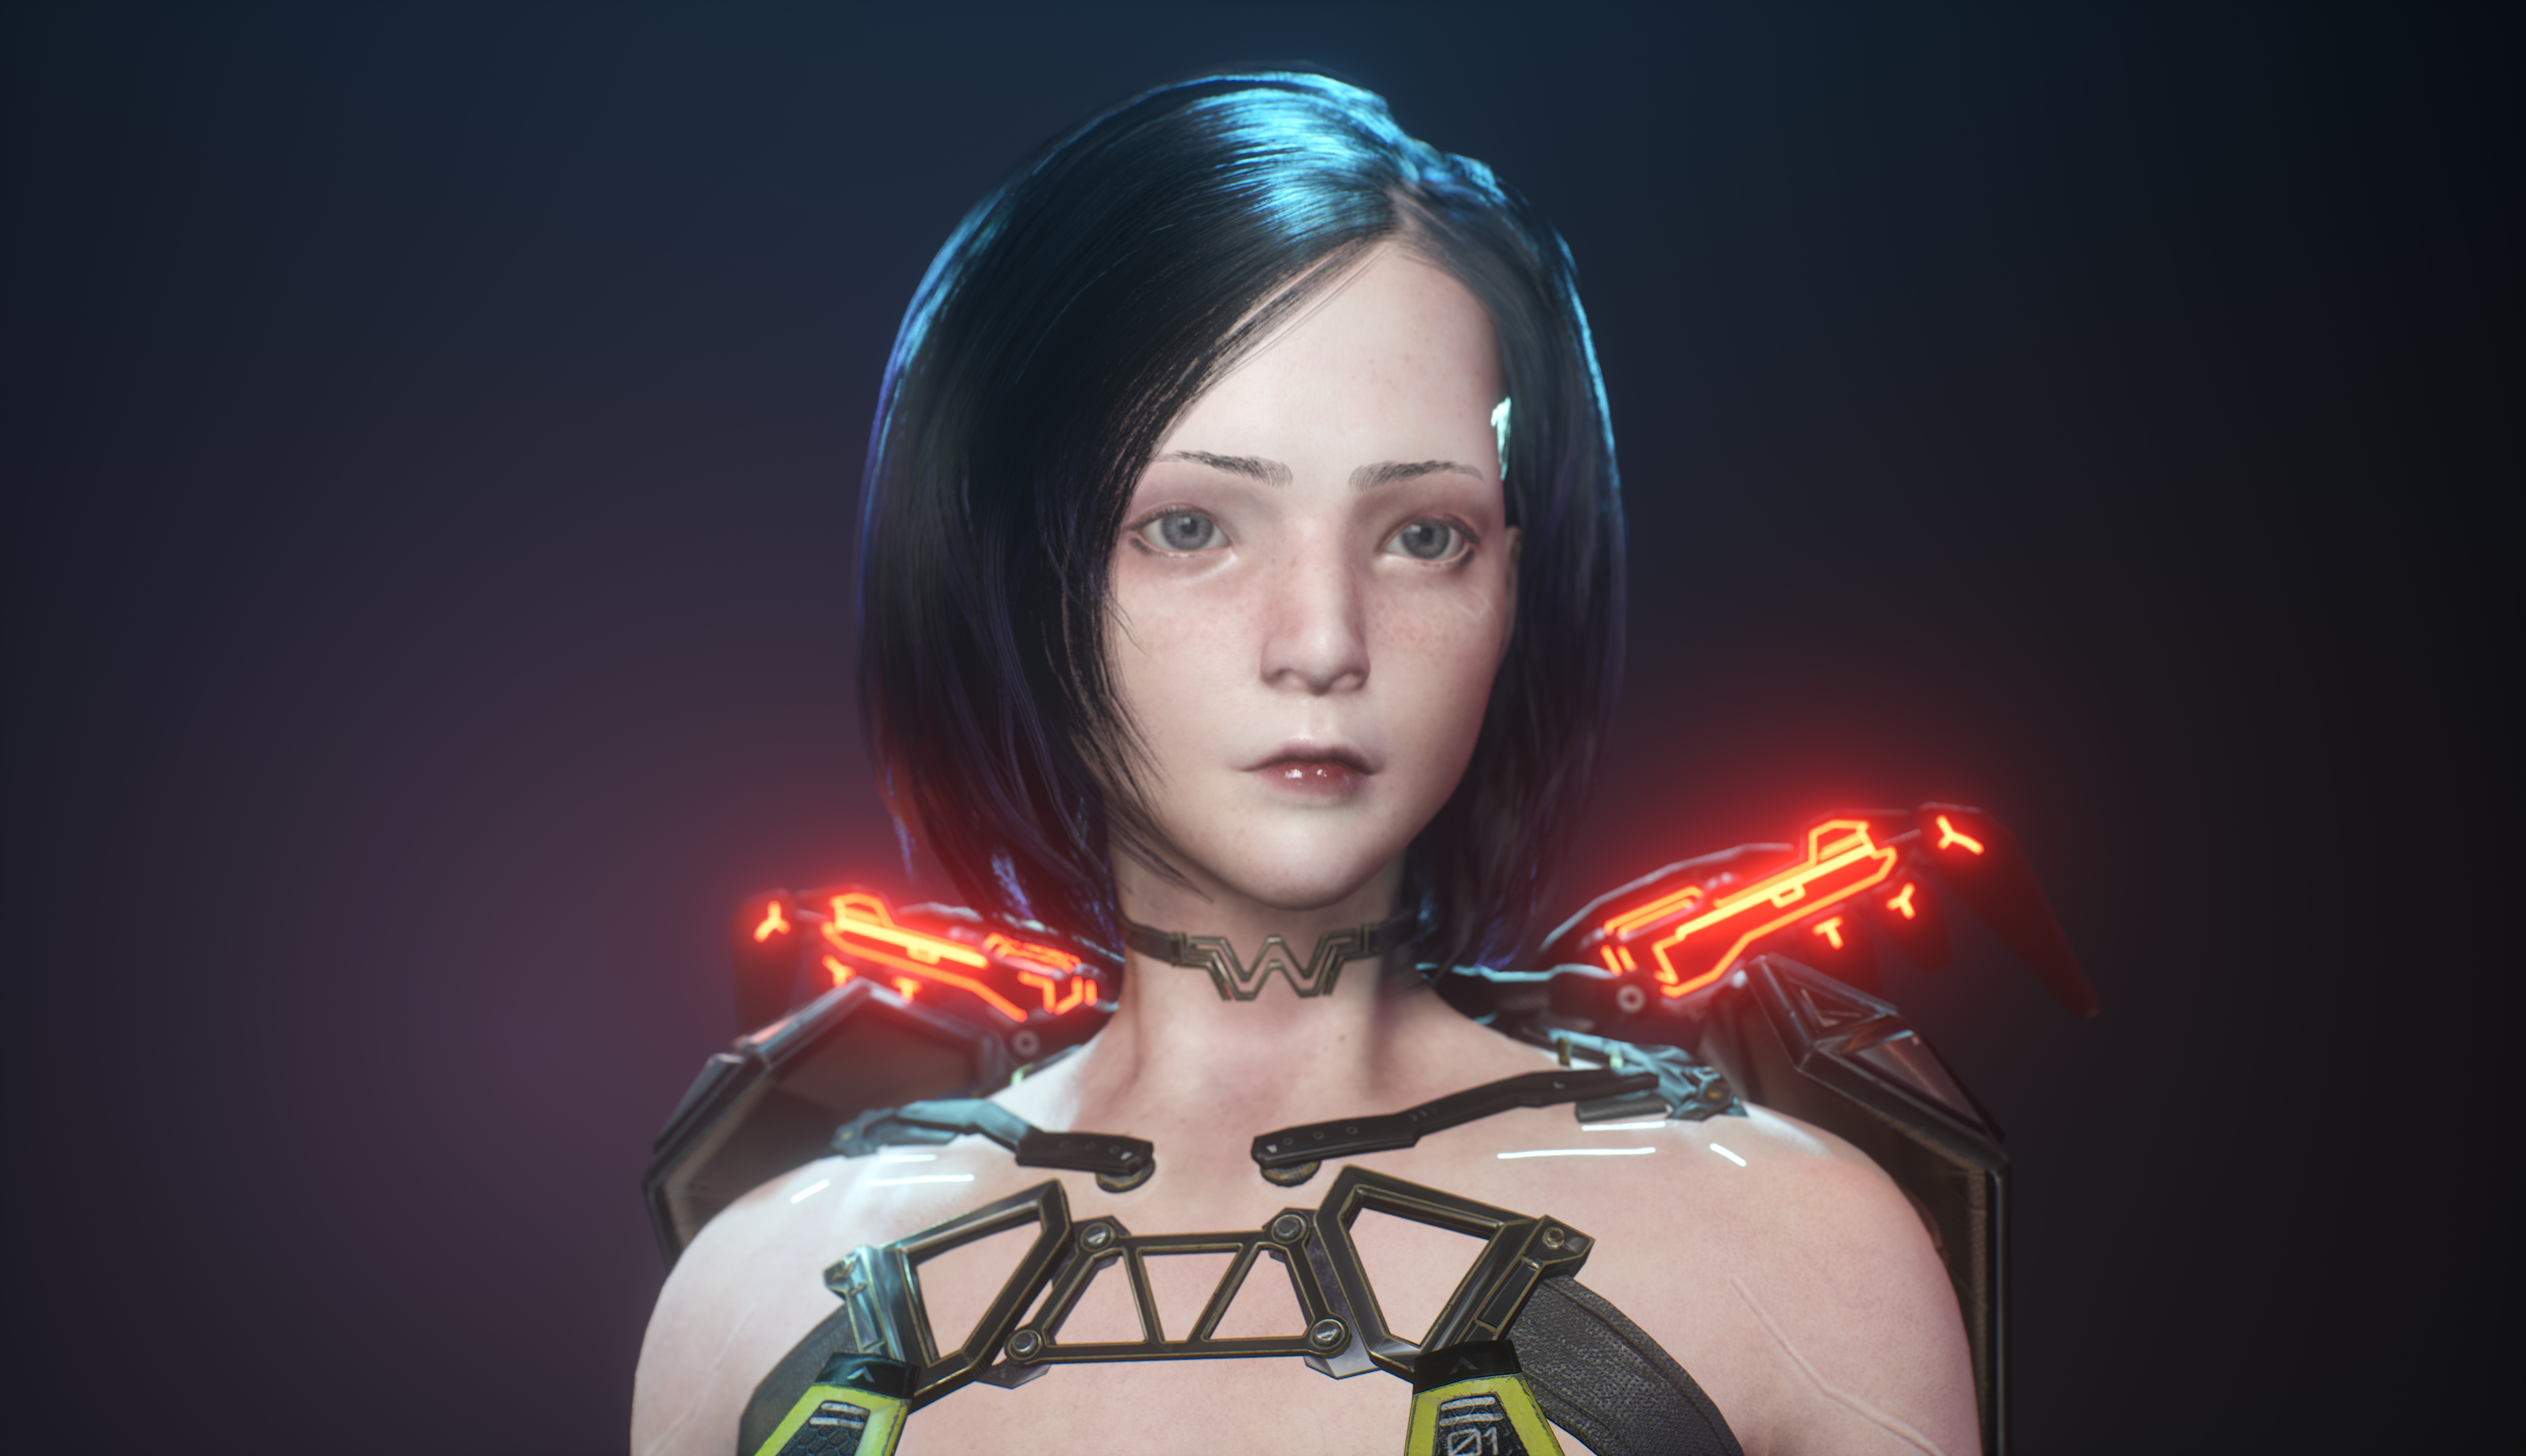 Cyberpunk Girl_UE4